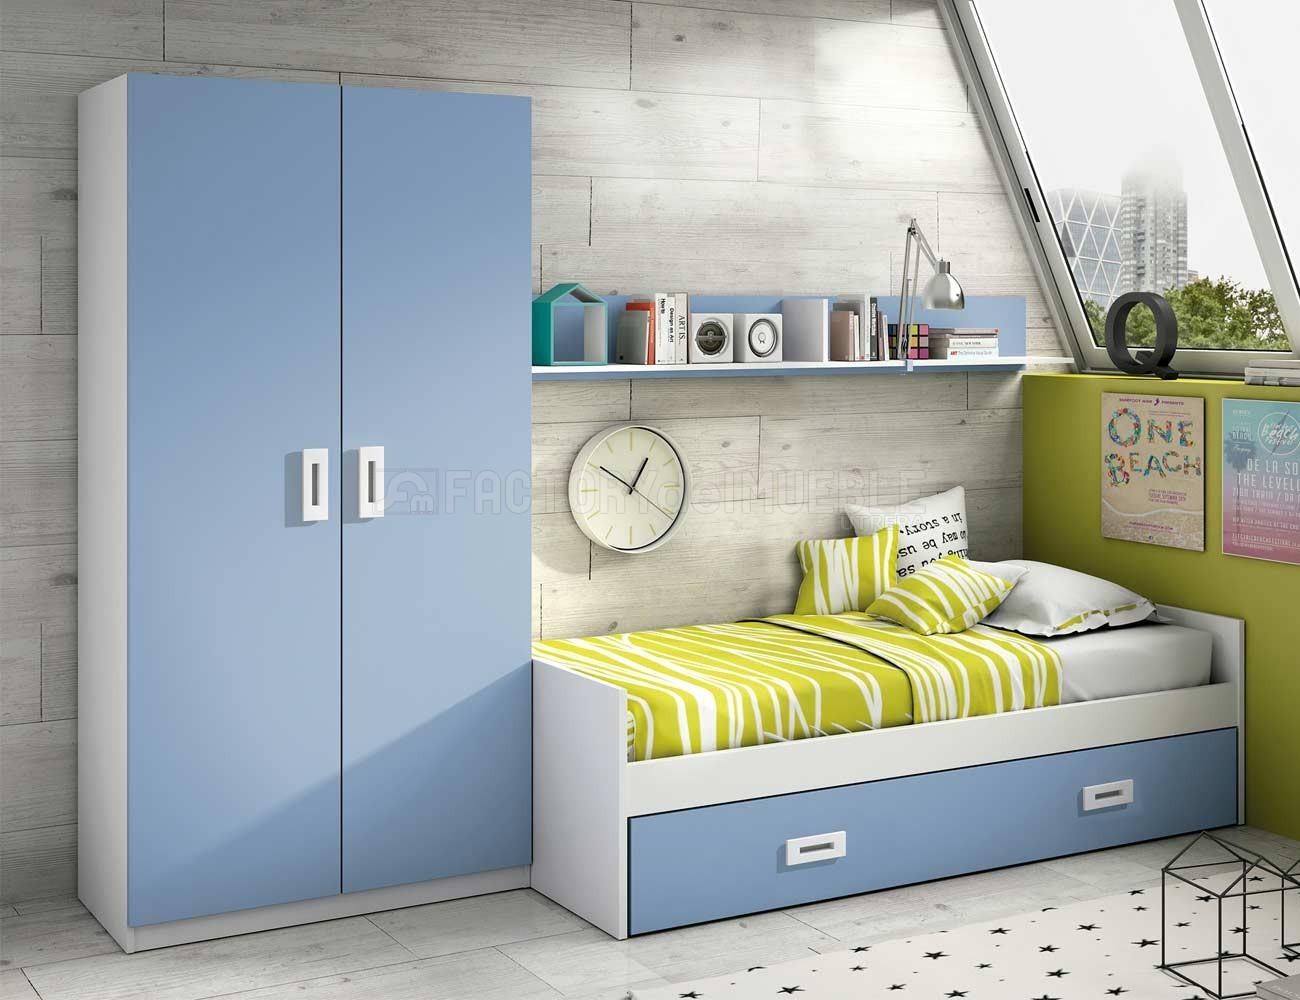 Dormitoriotrivial